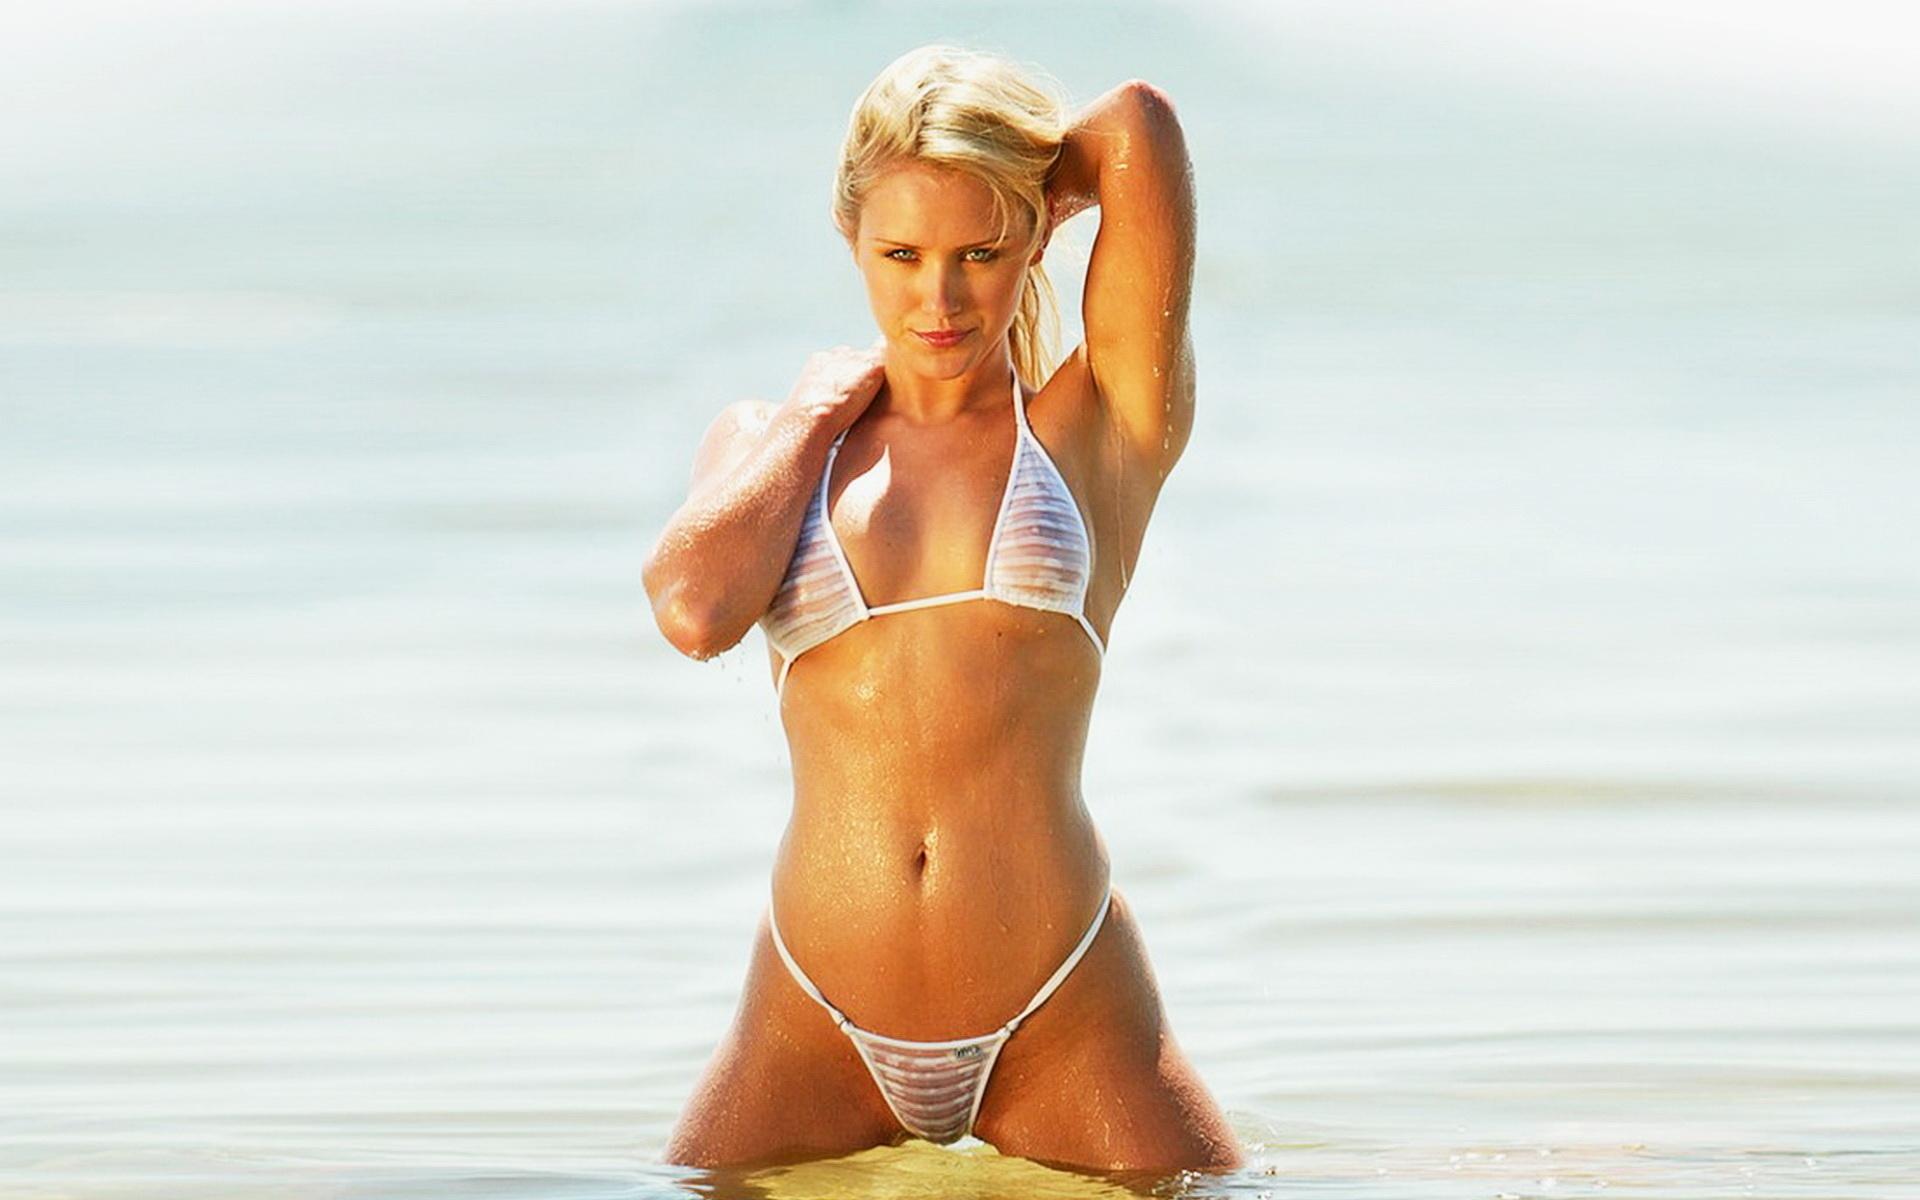 Мини бикини прозрачное на пляже порно — photo 5